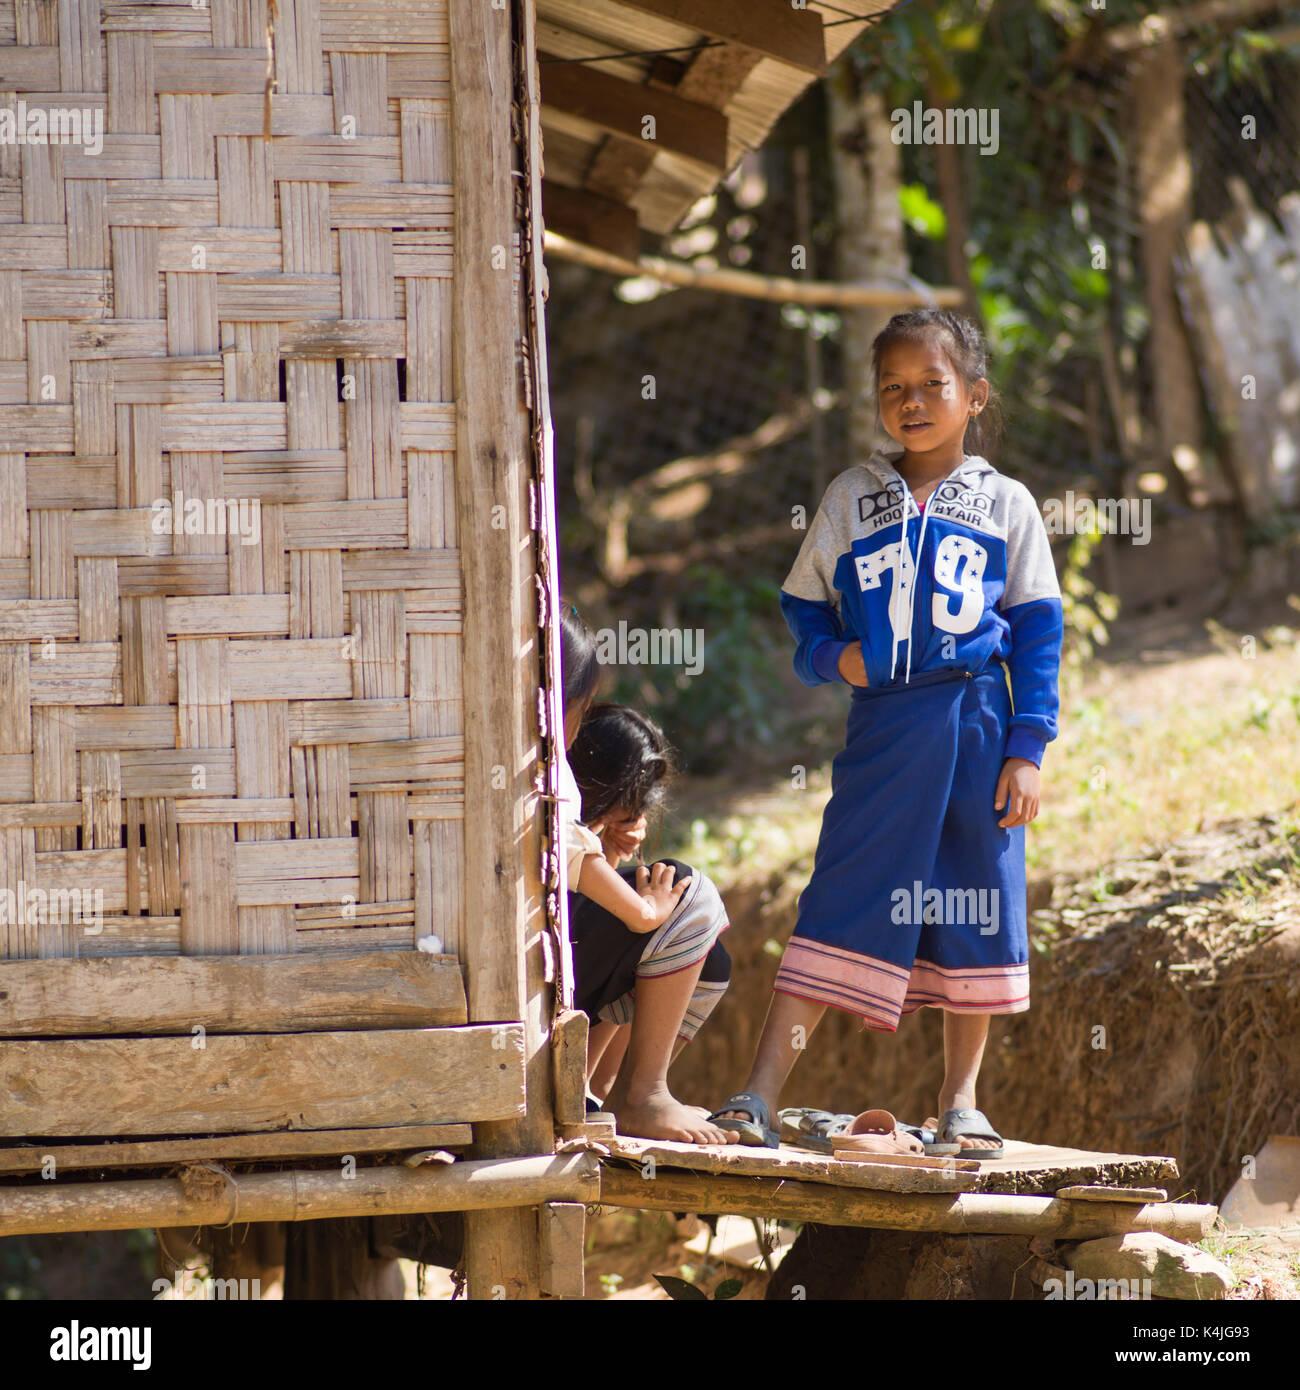 Girl Ban Stock Photos   Girl Ban Stock Images - Page 3 - Alamy f93ba4d305